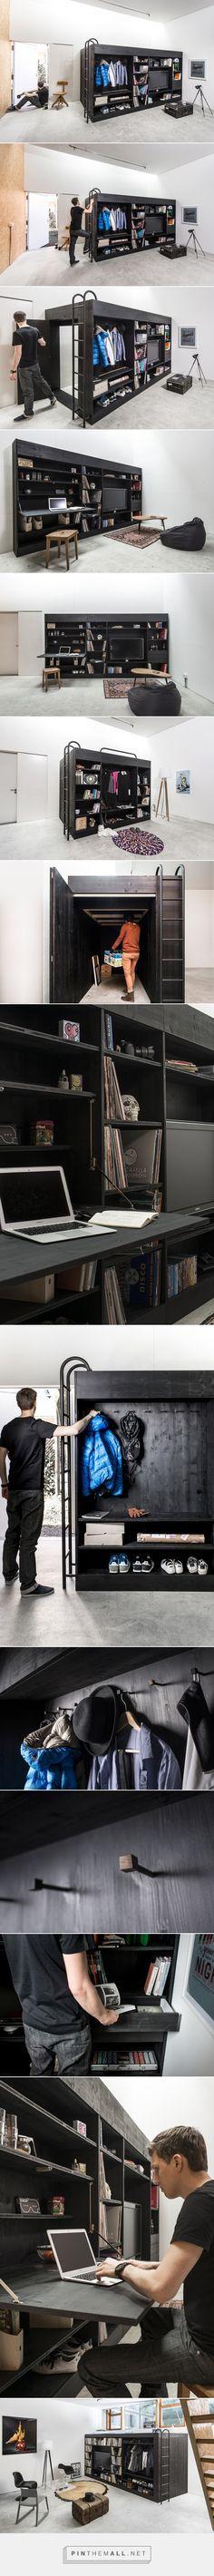 ELEMENTS Modular Furniture by Till Könneker » Yanko Des  ign - created via http://pinthemall.net